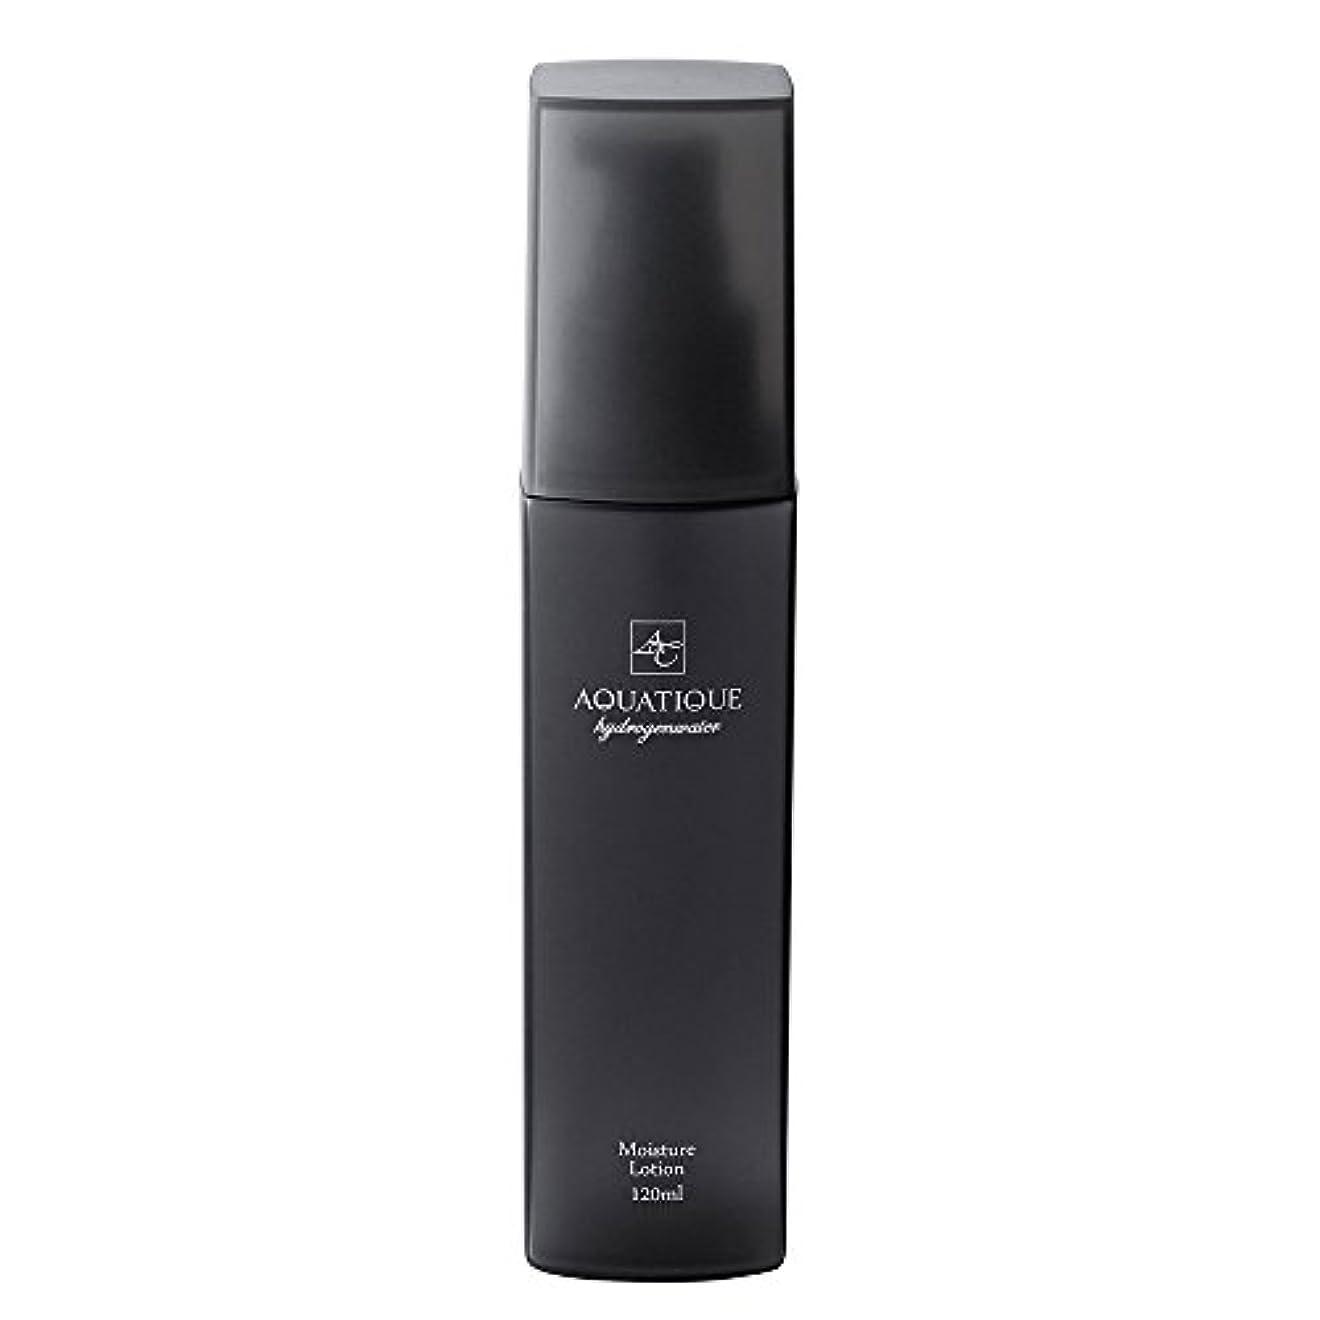 爆発物噴水鹿水素化粧水 アクアティーク モイスチャーローション 120ml (化粧水)